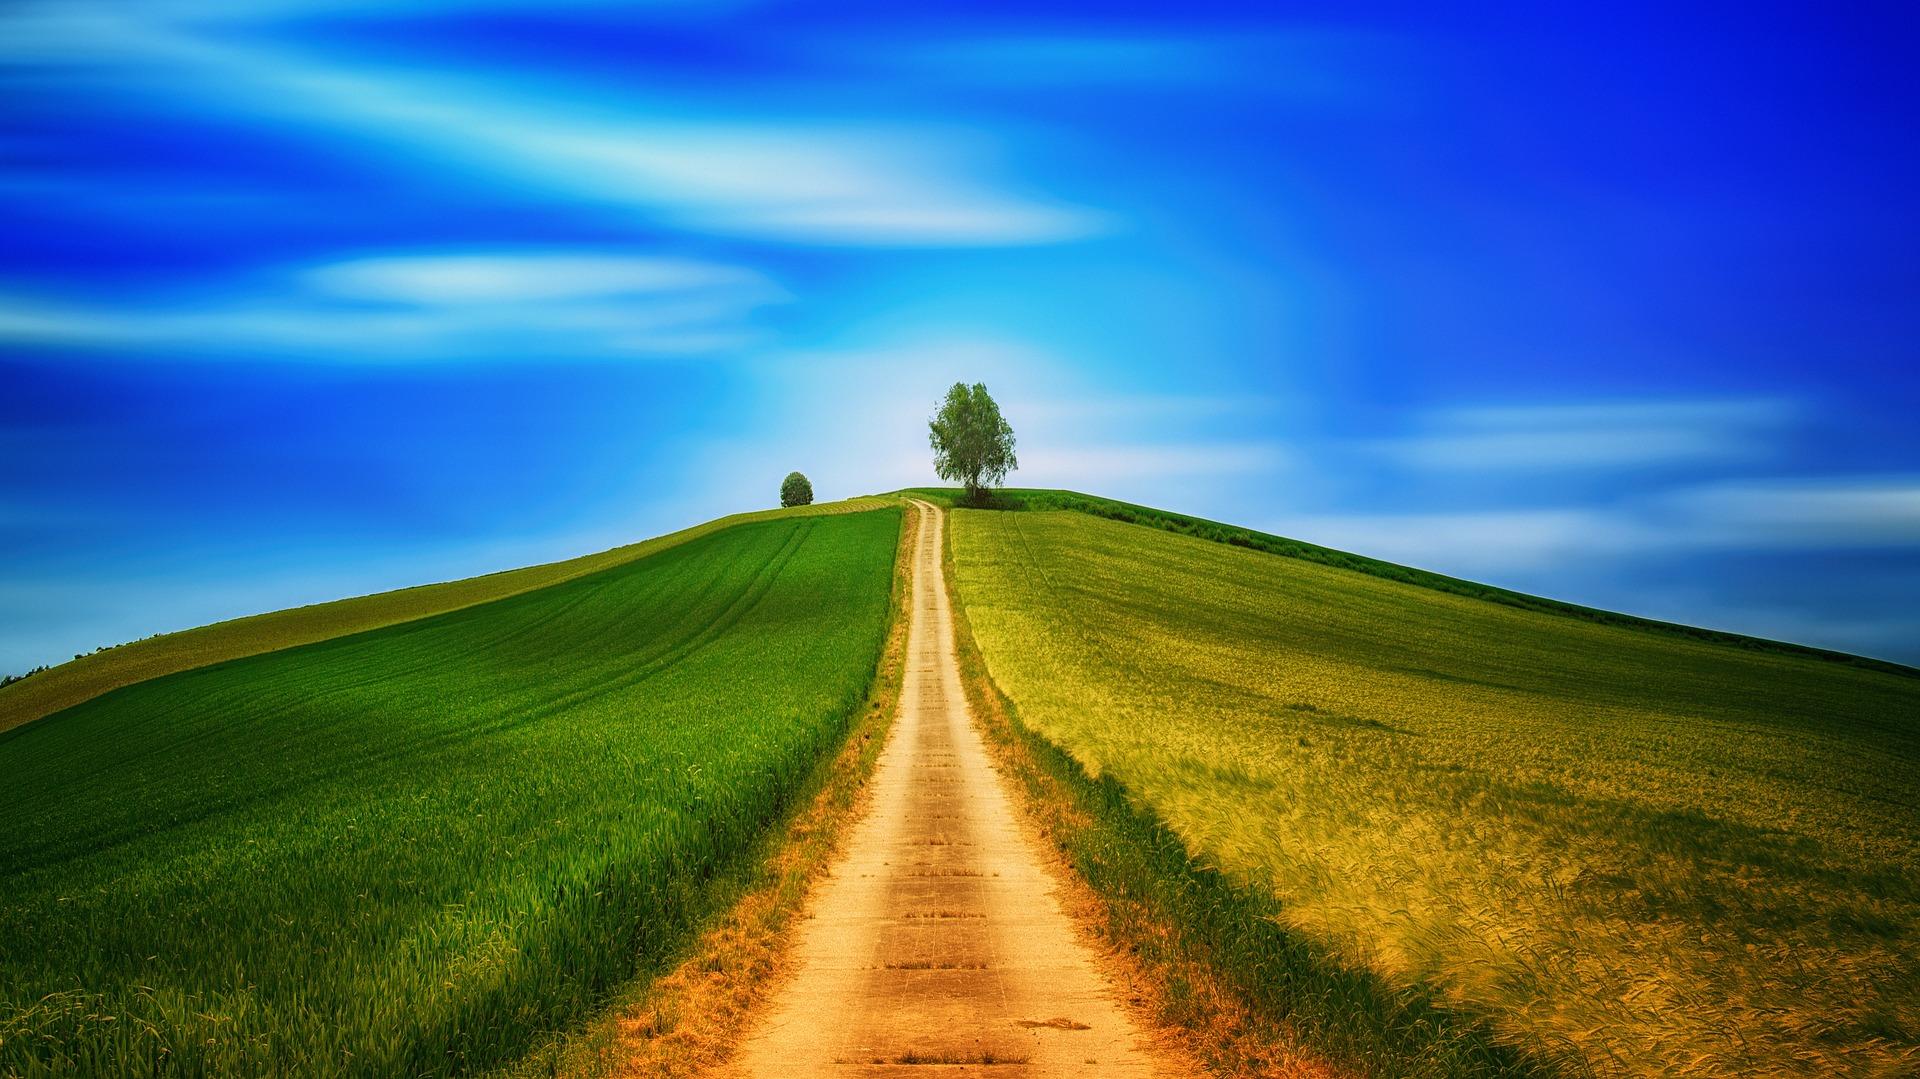 Top Những Hình ảnh Con đường đẹp Nhất Thế Giới